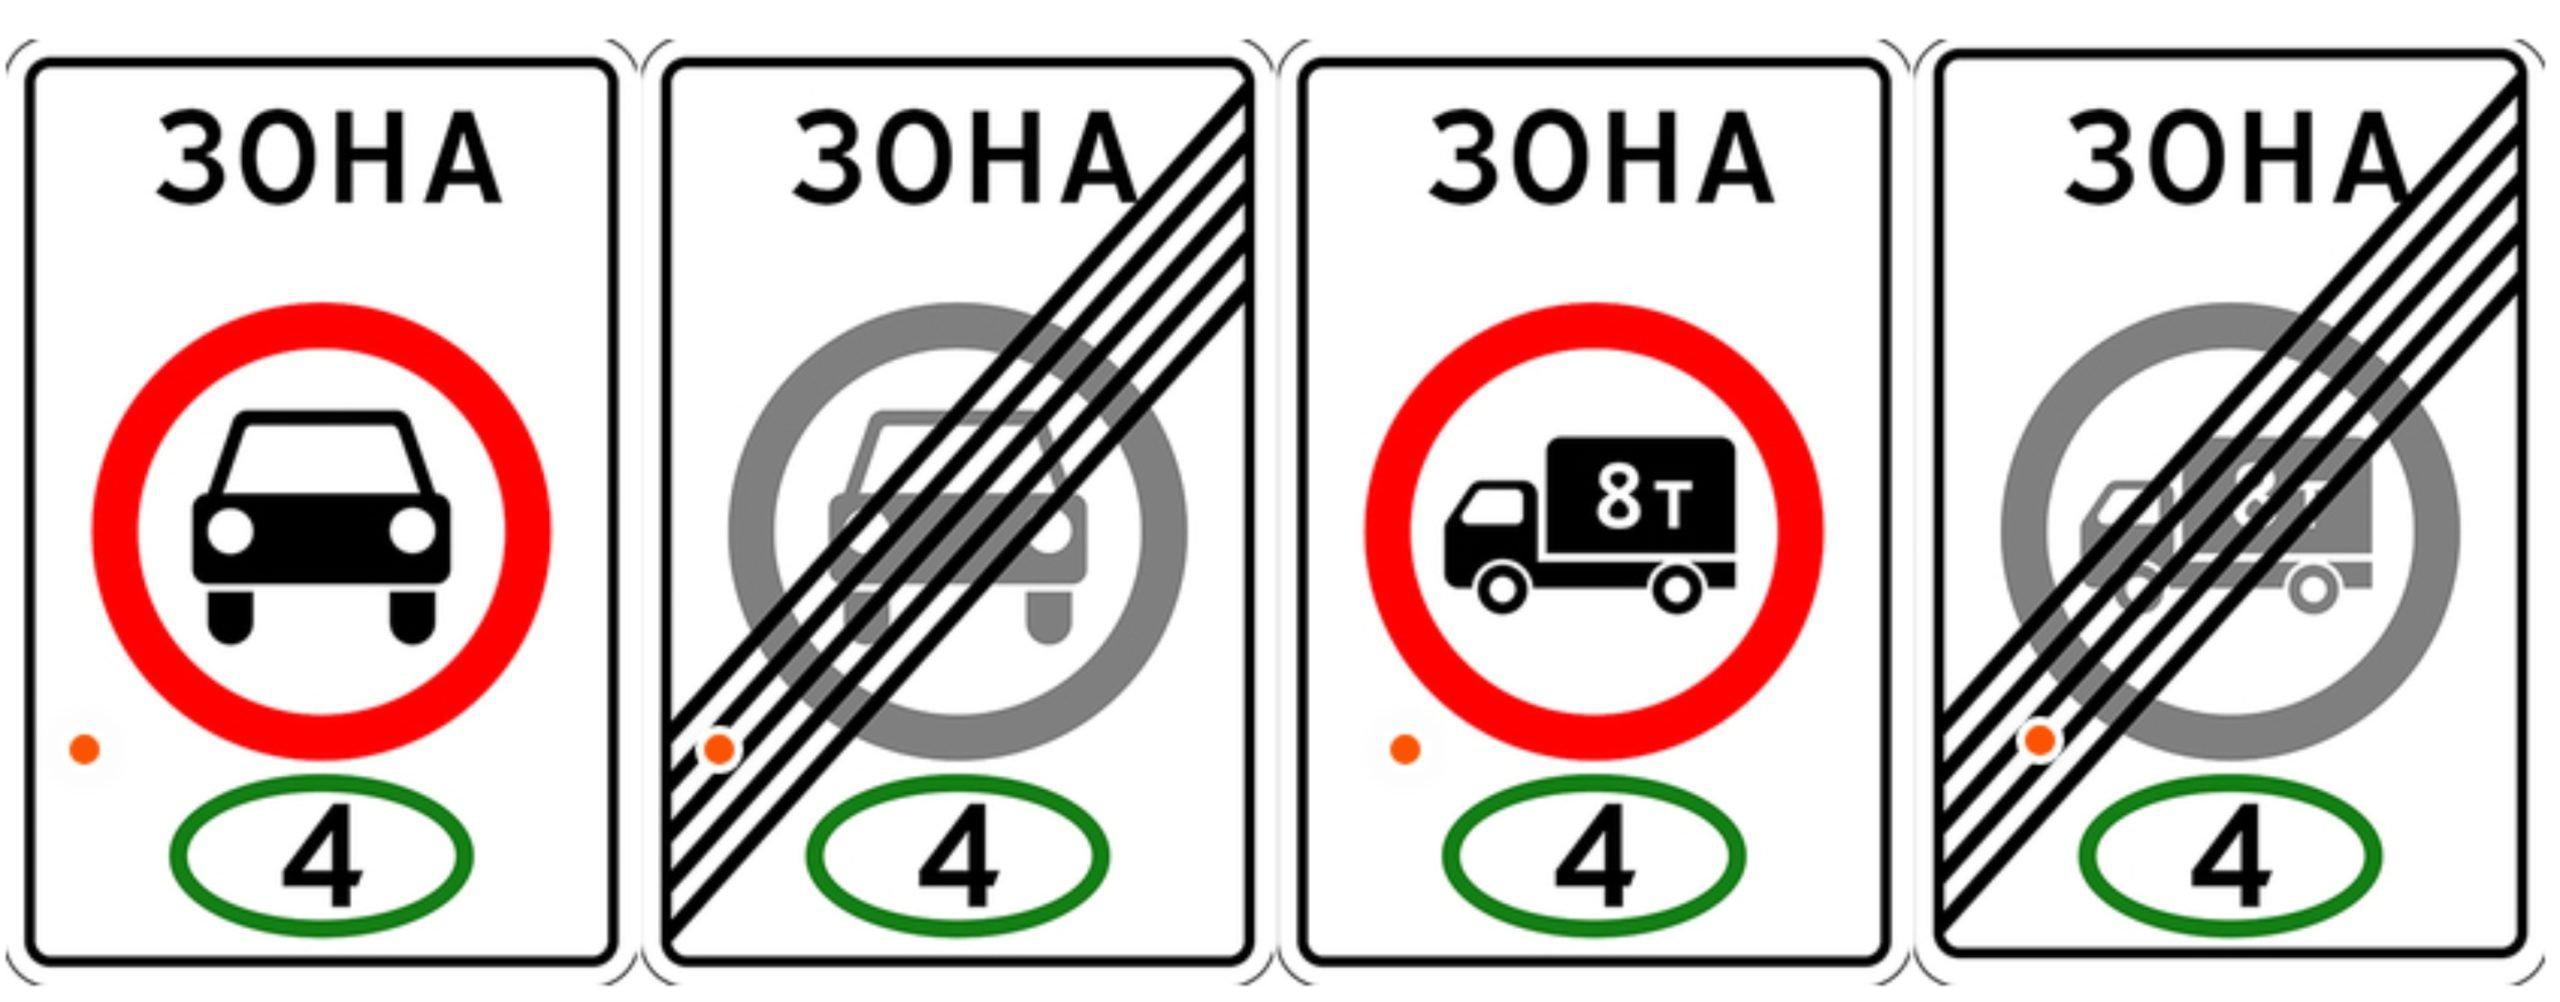 За отсутствие этой надписи в СТС водителей начнут штрафовать с 1 июля